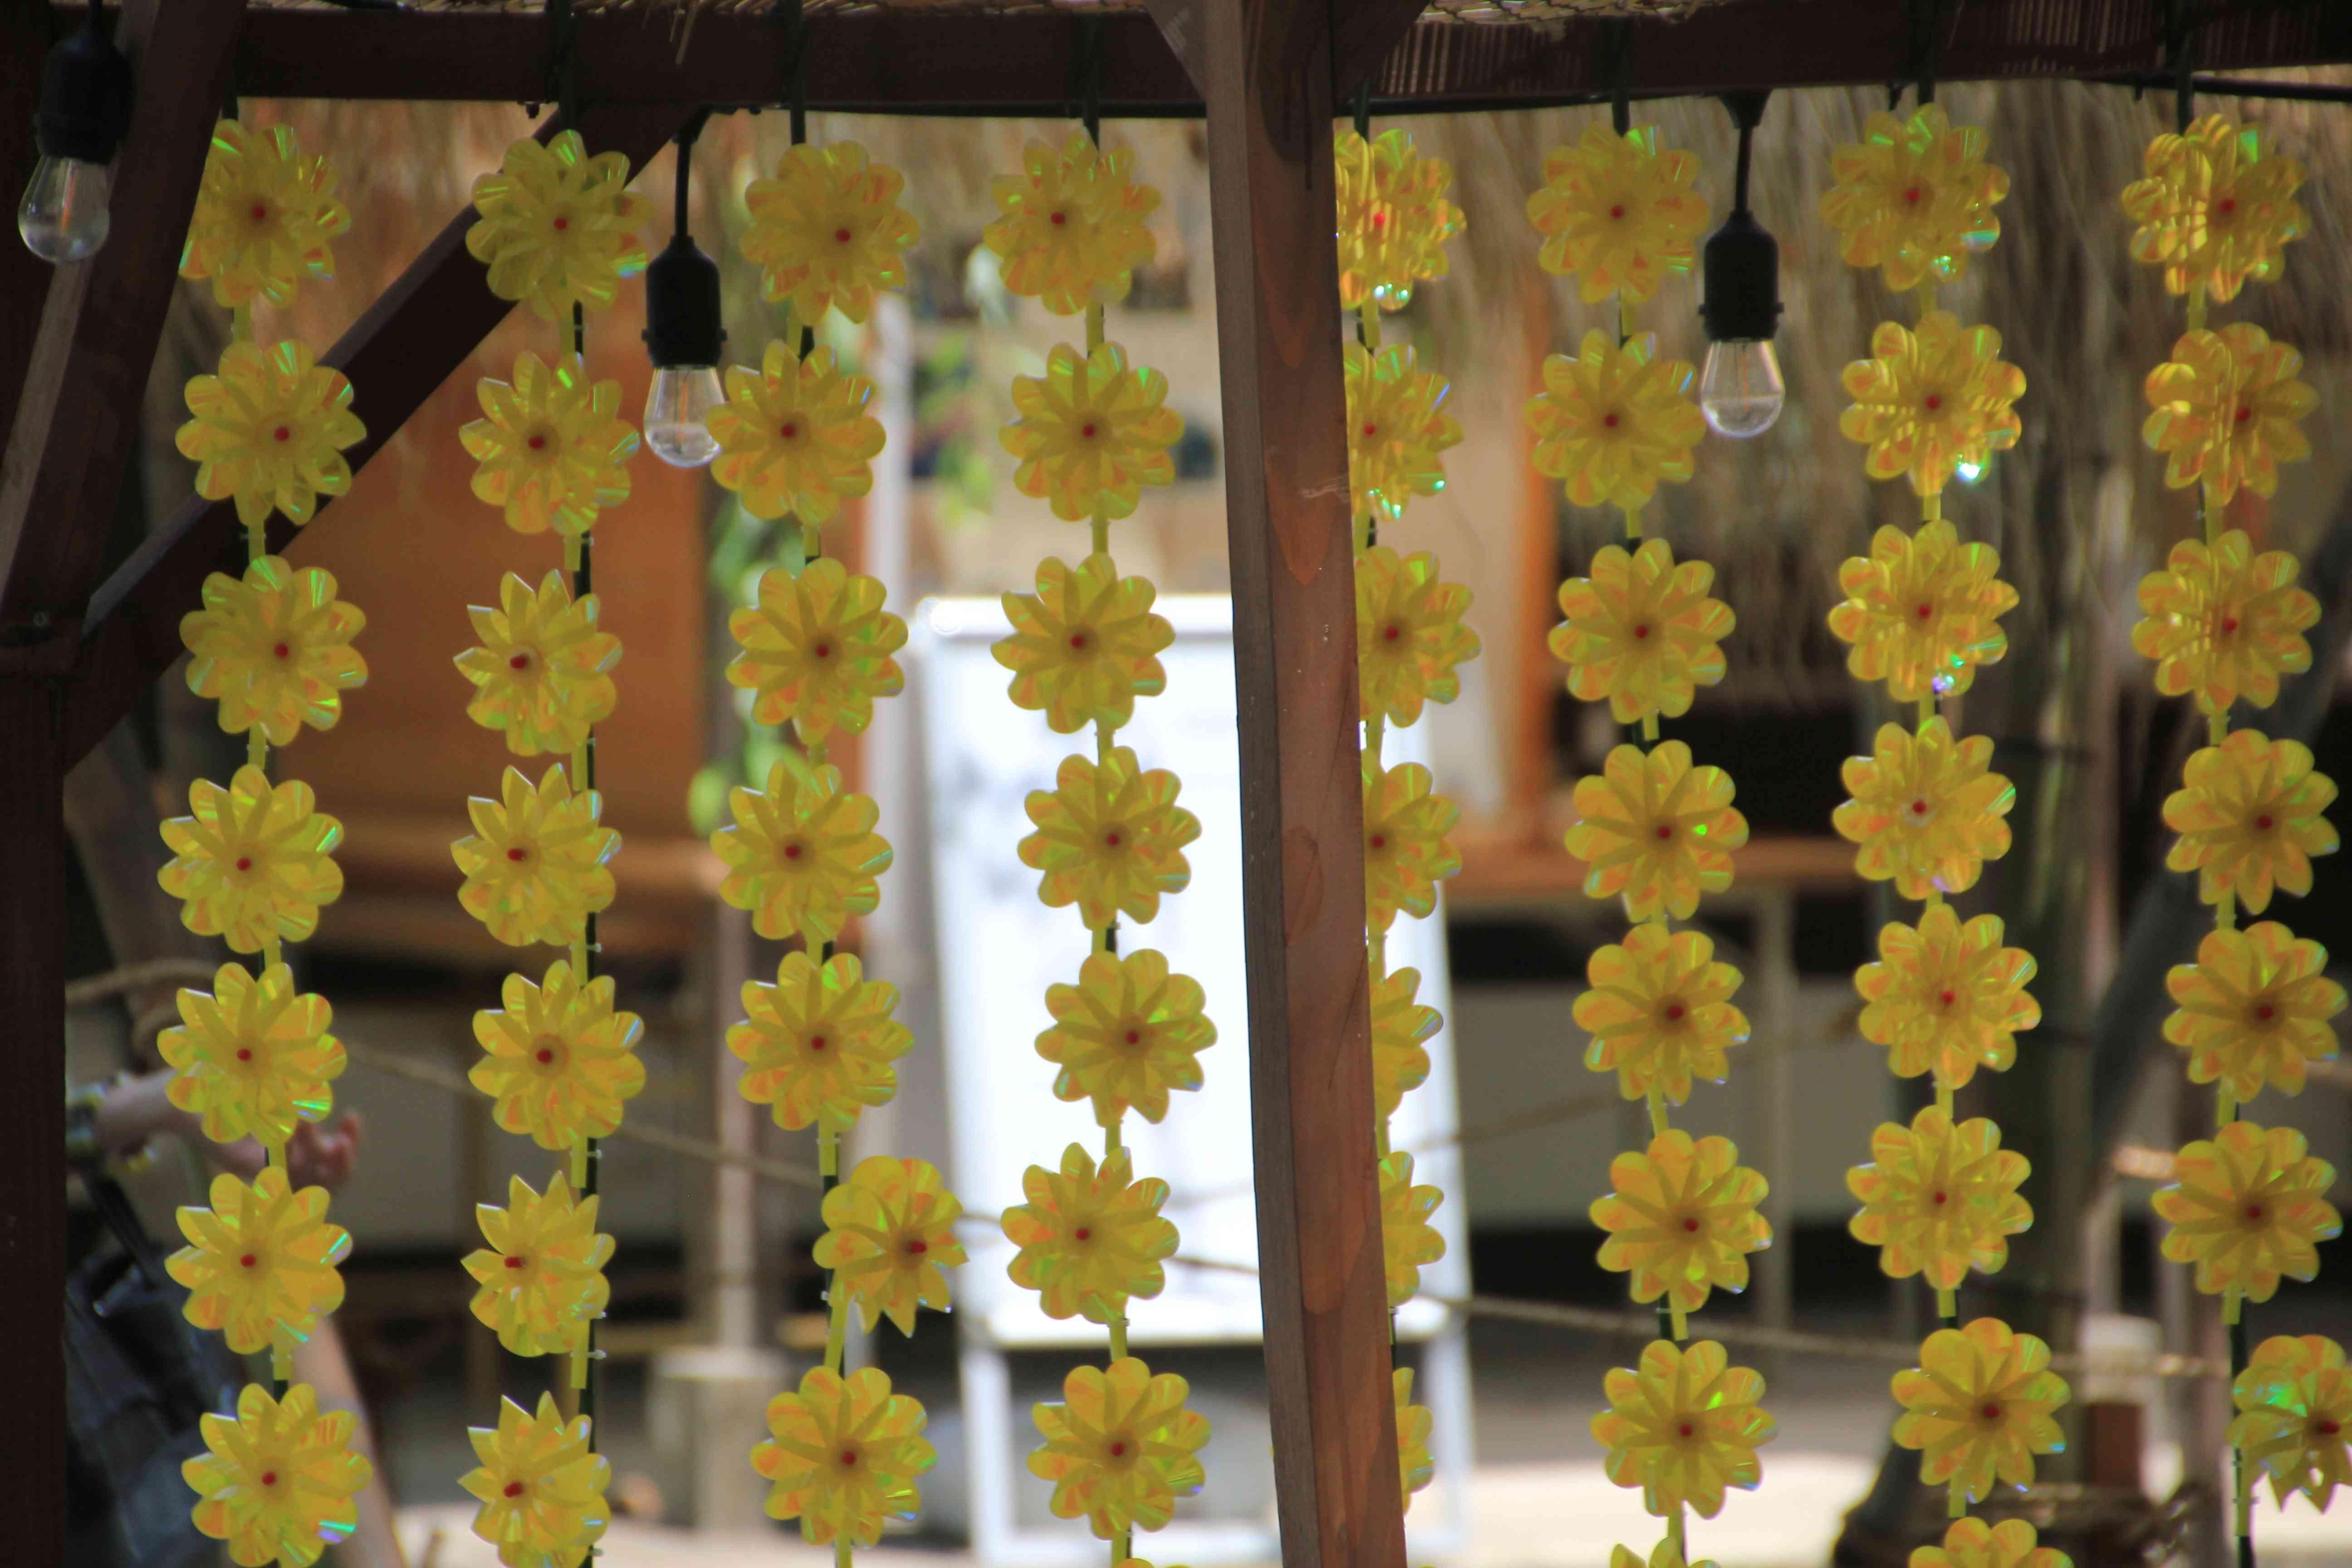 黄色い風車がひもに幾つも結いつけられて、何本もあった。